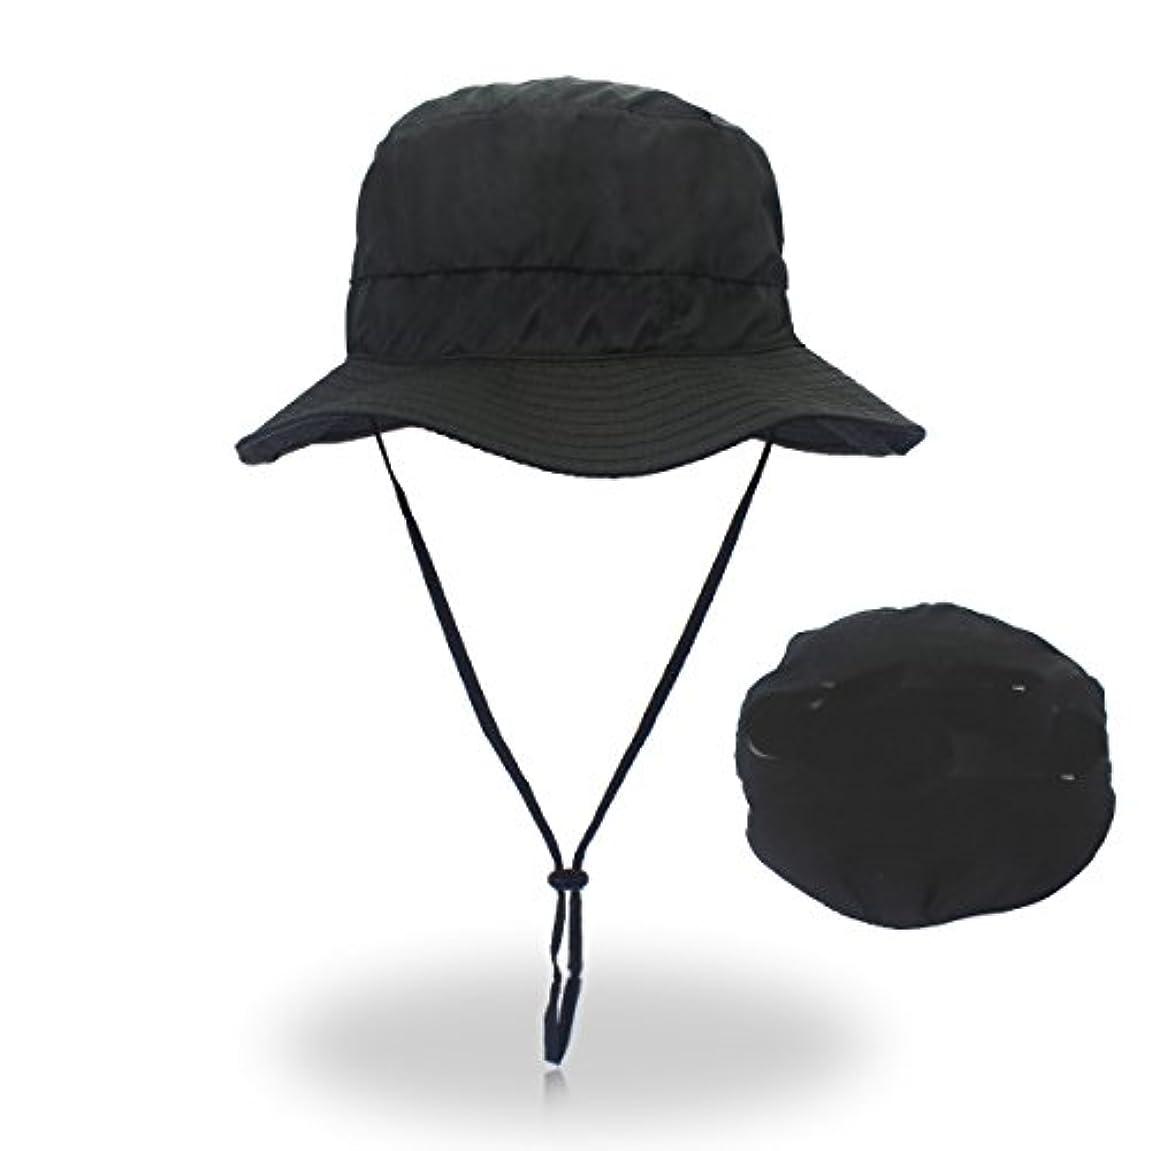 計算可能パースブラックボロウ土砂降り釣り帽子,バケットハット 360度 日よけカバー 紫外線防止 超軽量 メンズ レディース